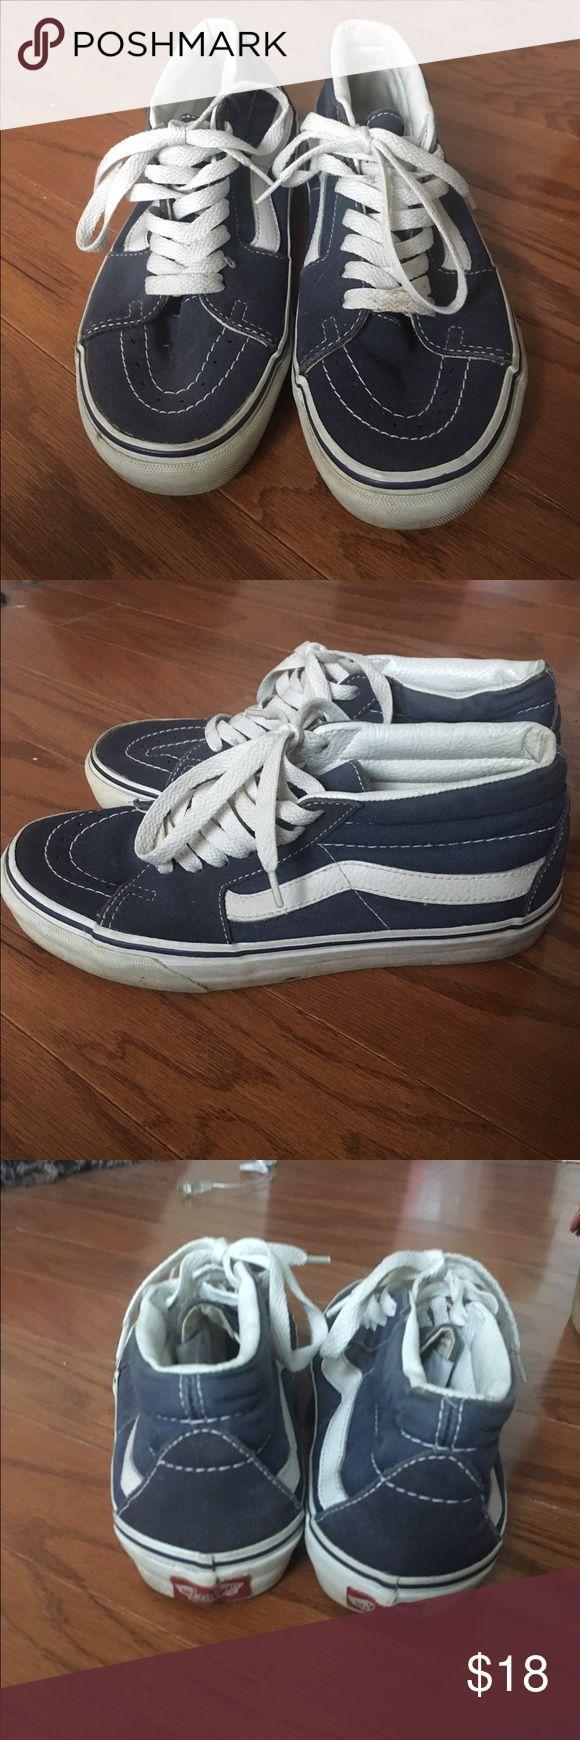 Vans sk8-mid top sneakers Blue suede sneakers Vans Shoes Sneakers